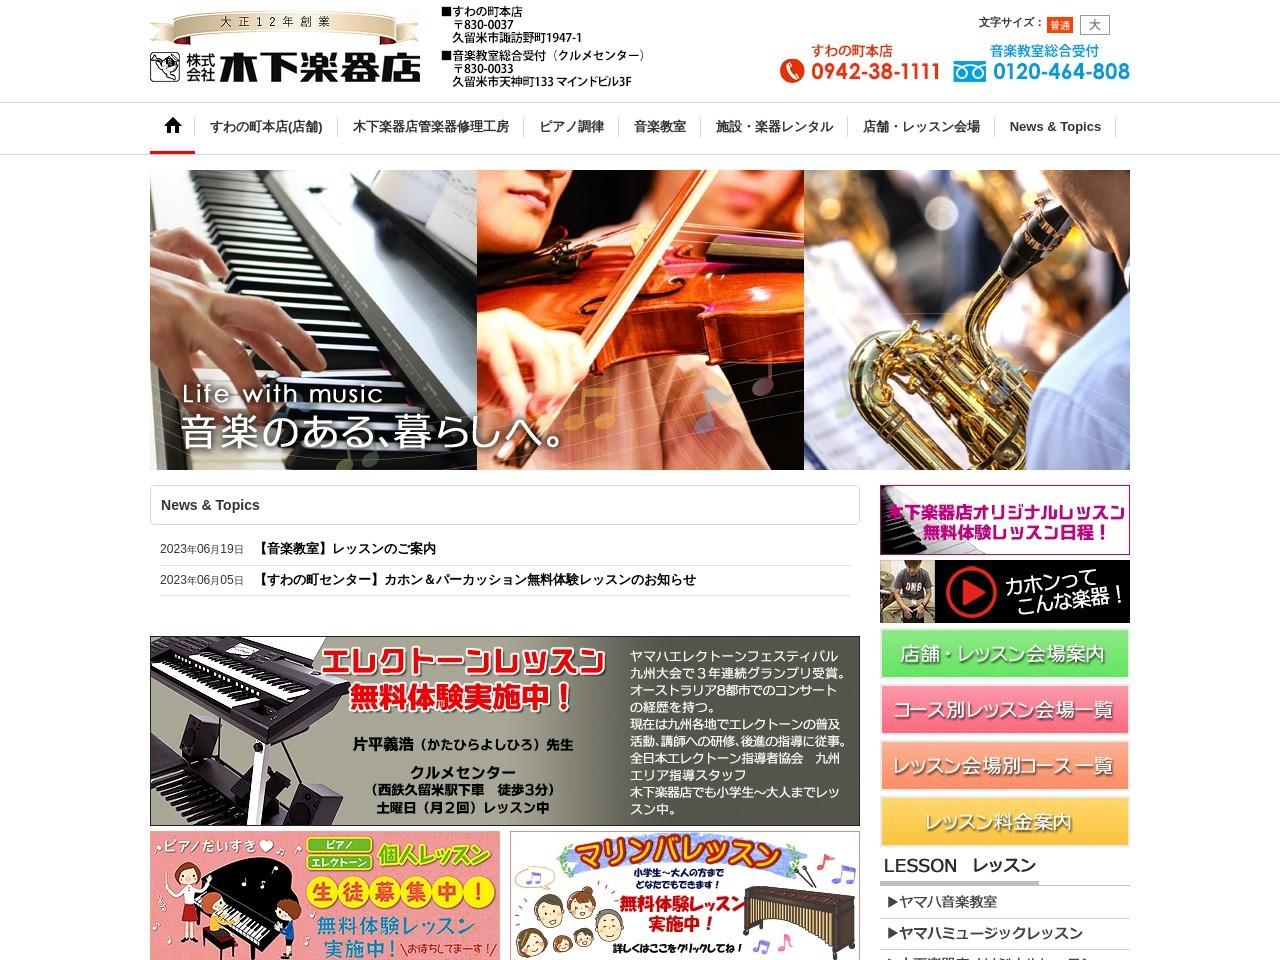 株式会社木下楽器店ヤマハ音楽教育クルメセンター